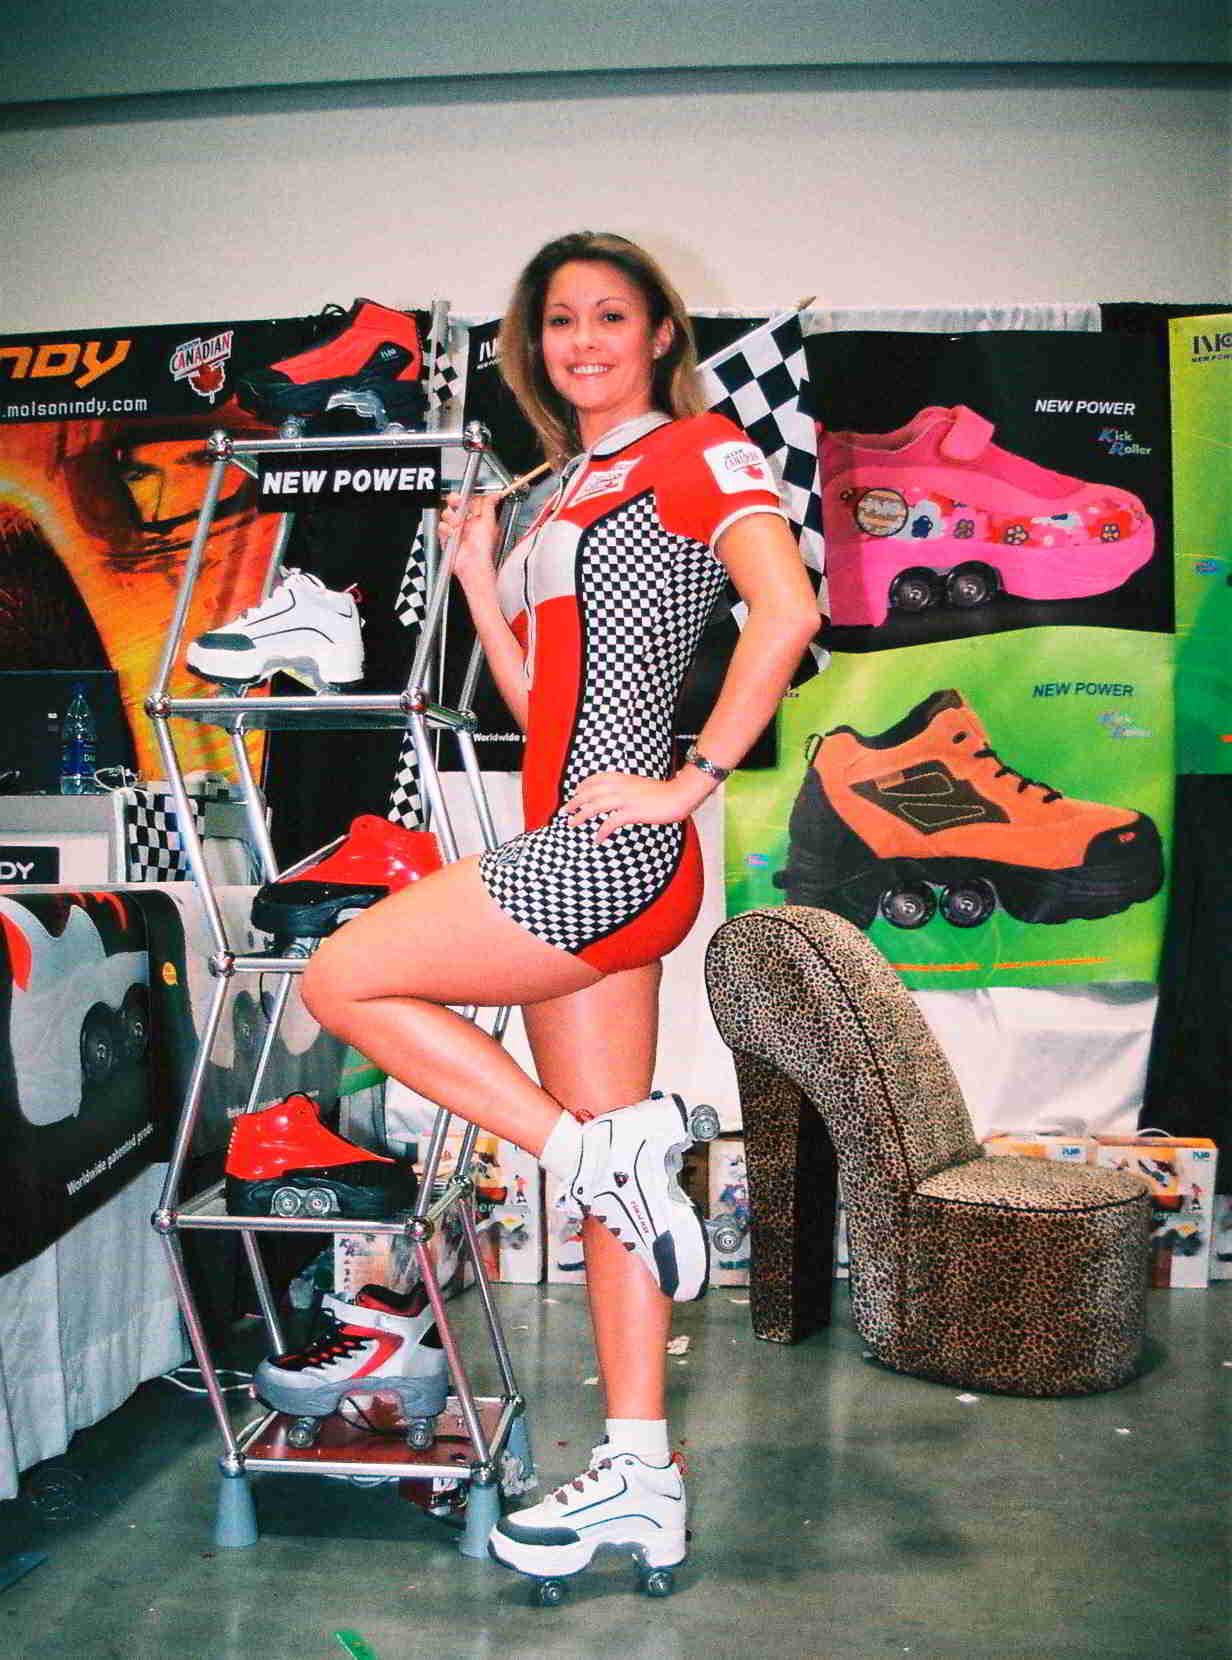 Kick roller at trade show